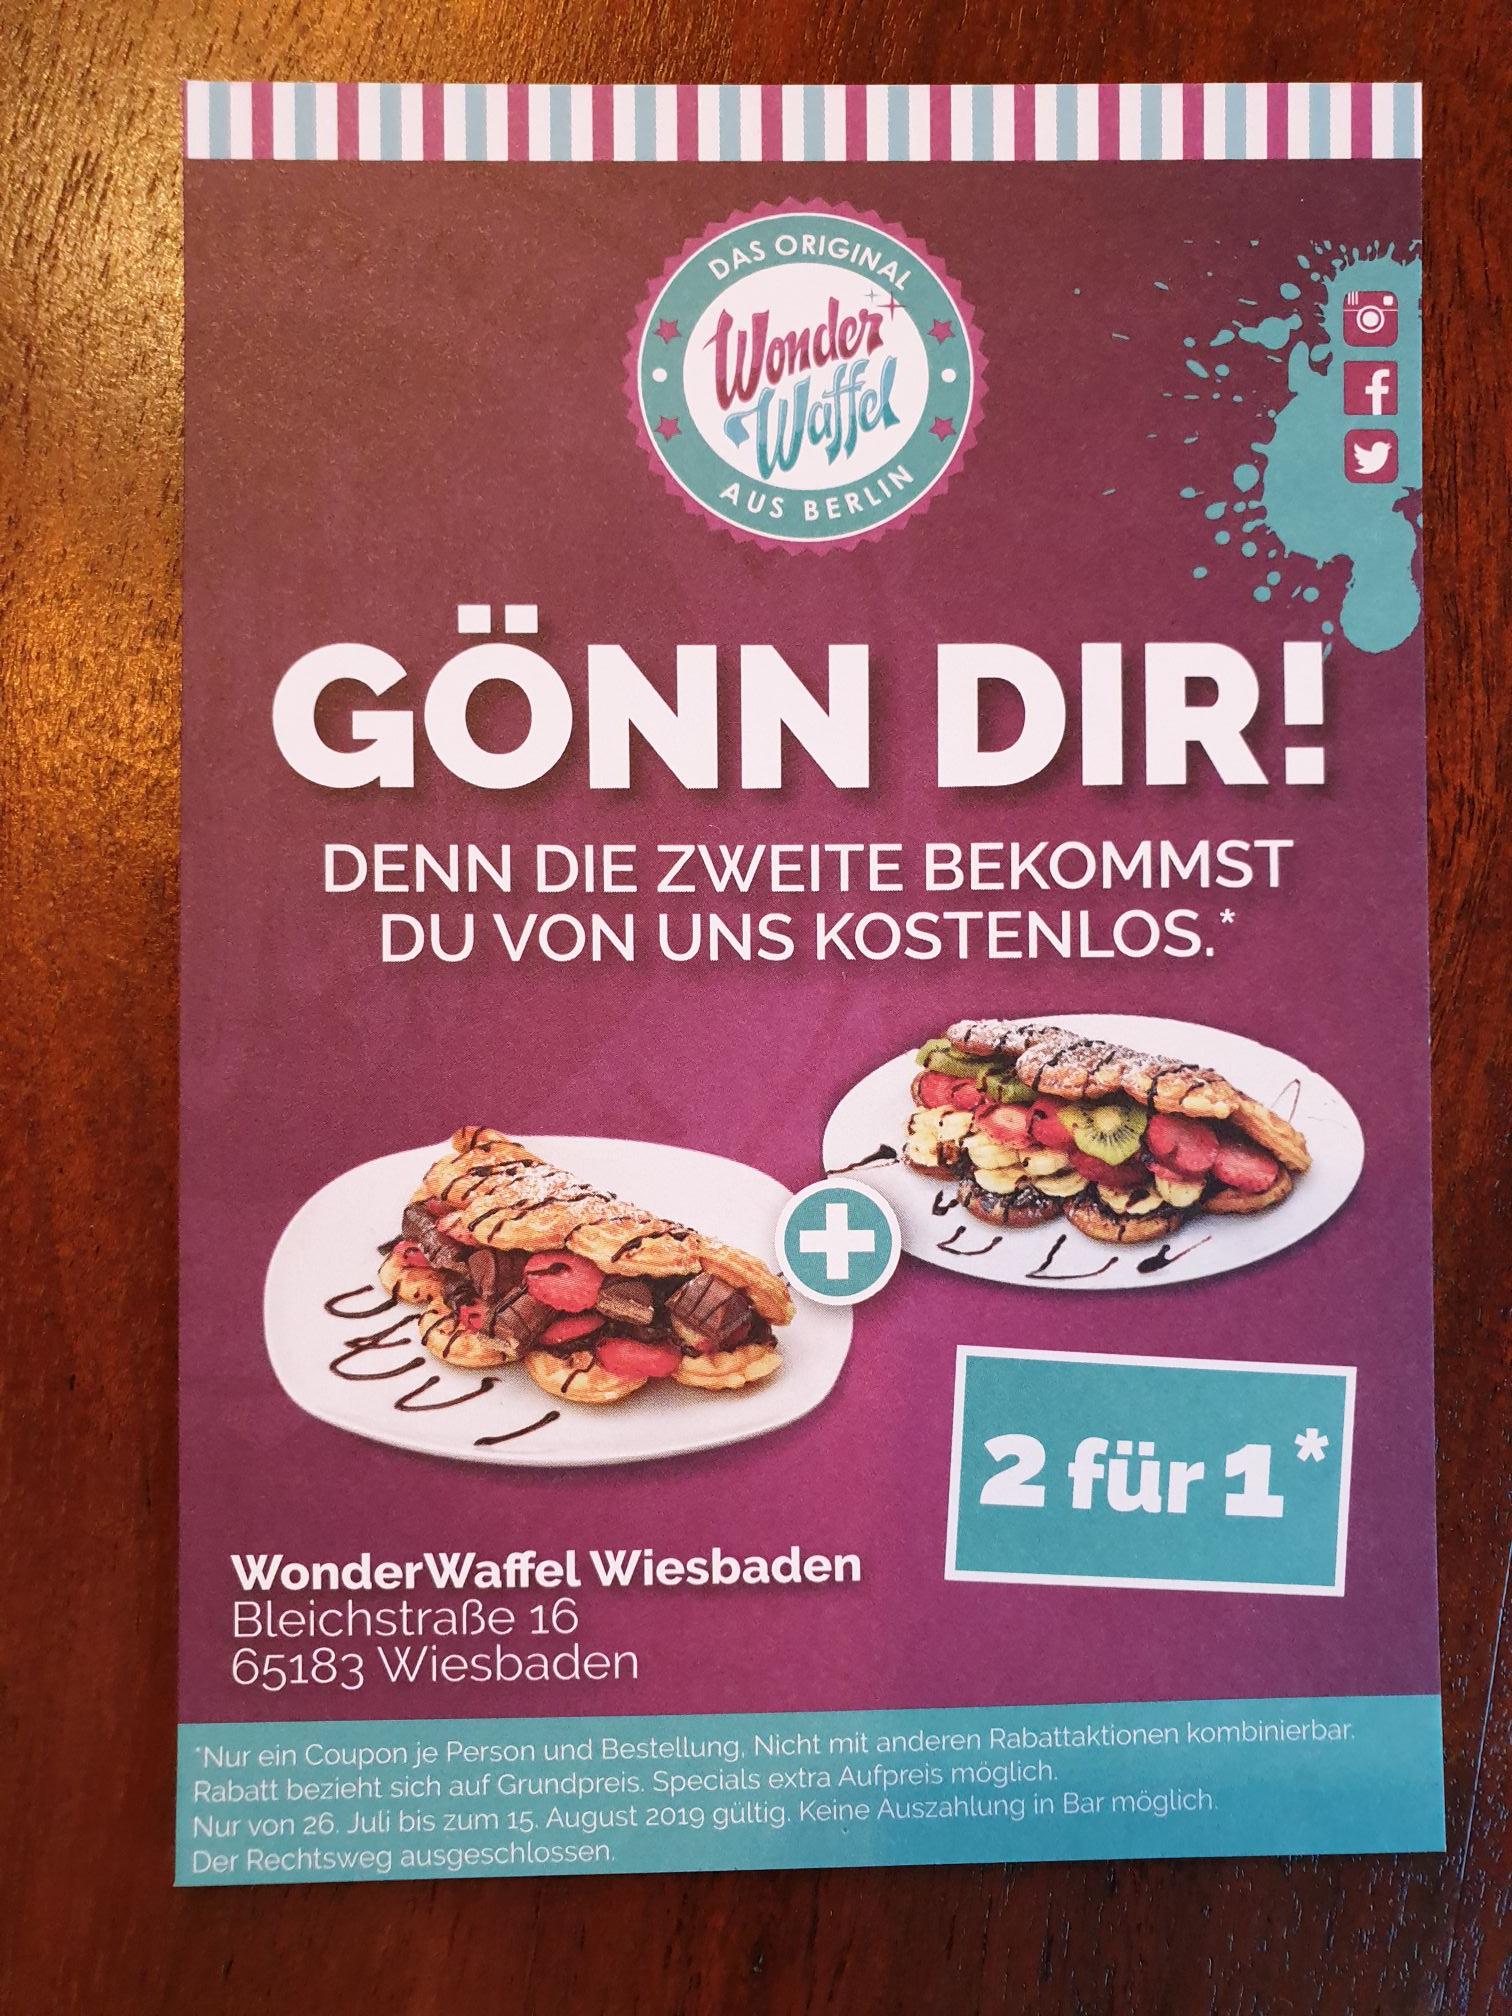 2 für 1 Aktion WonderWaffel Wiesbaden